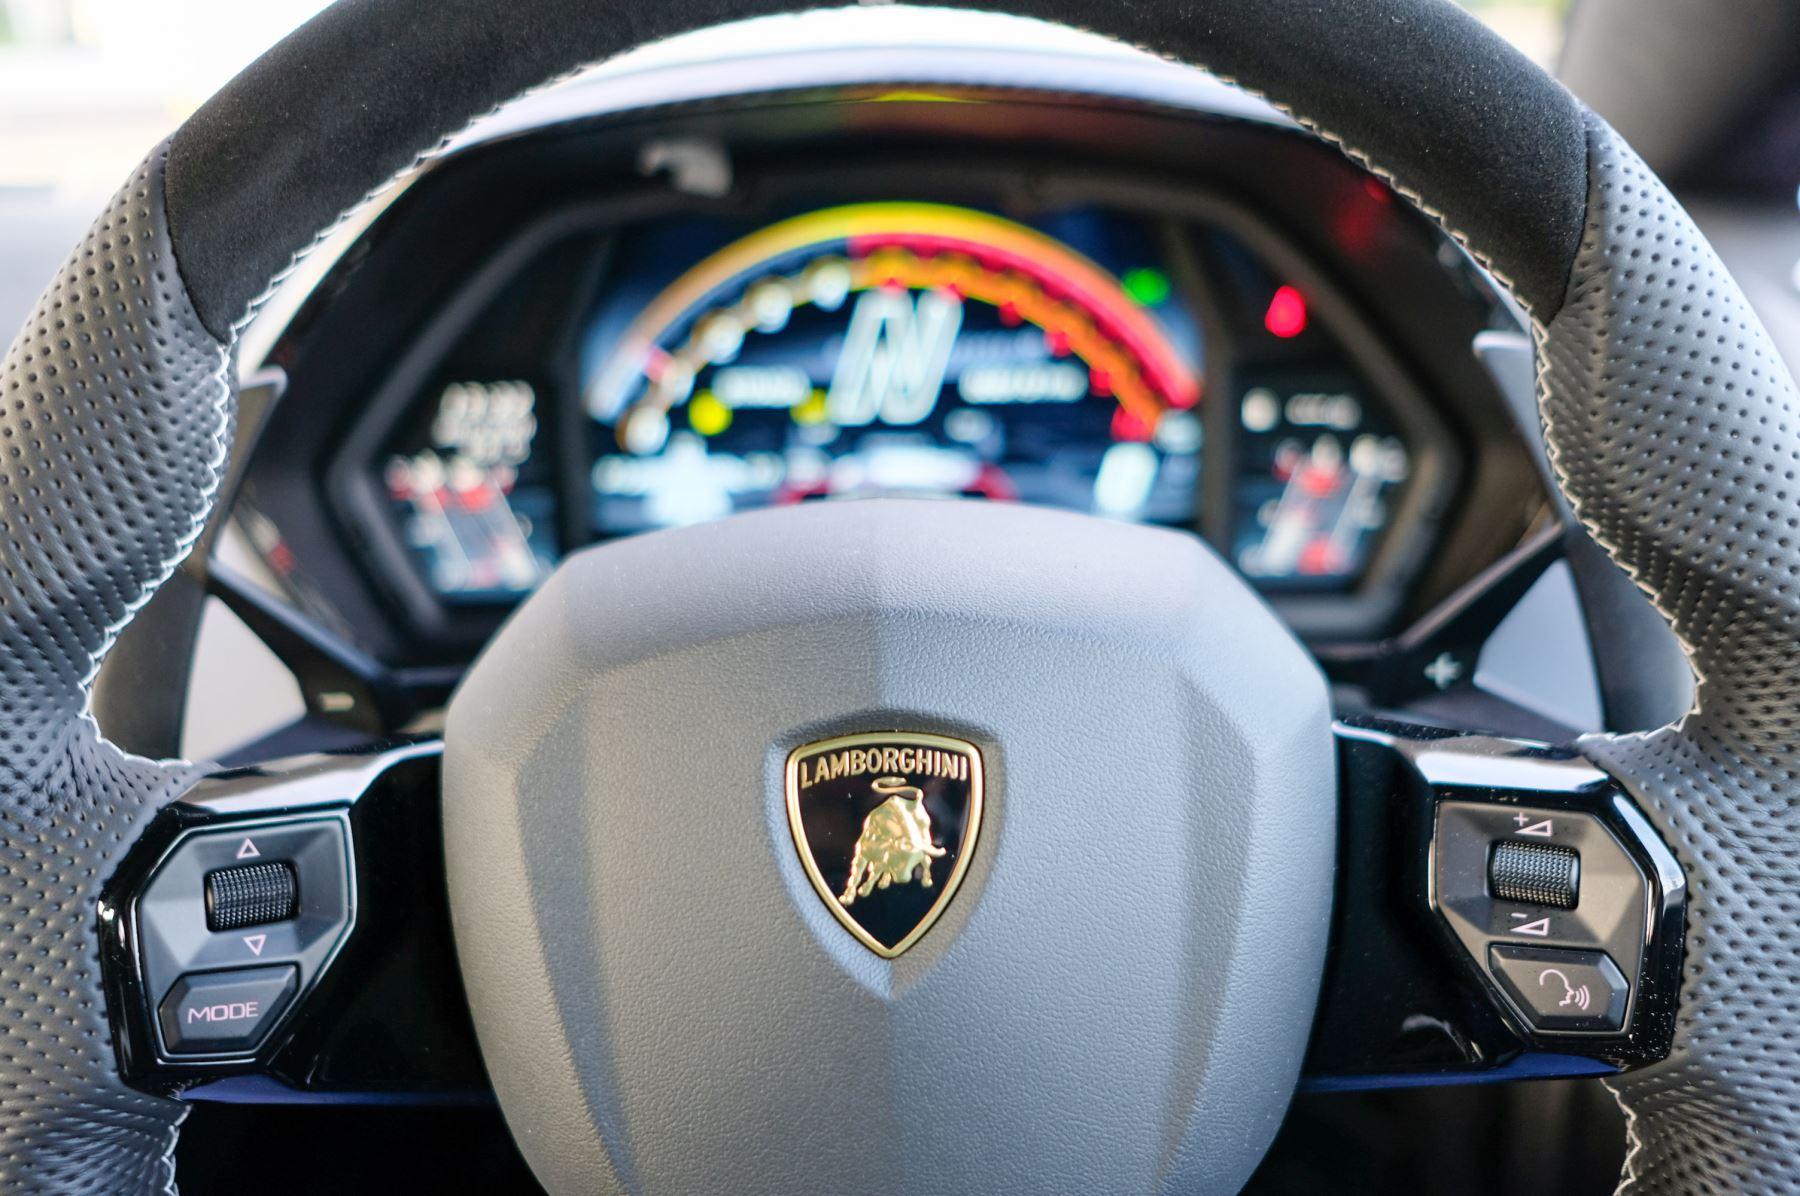 Lamborghini Aventador SVJ Coupe LP 770-4 ISR image 17